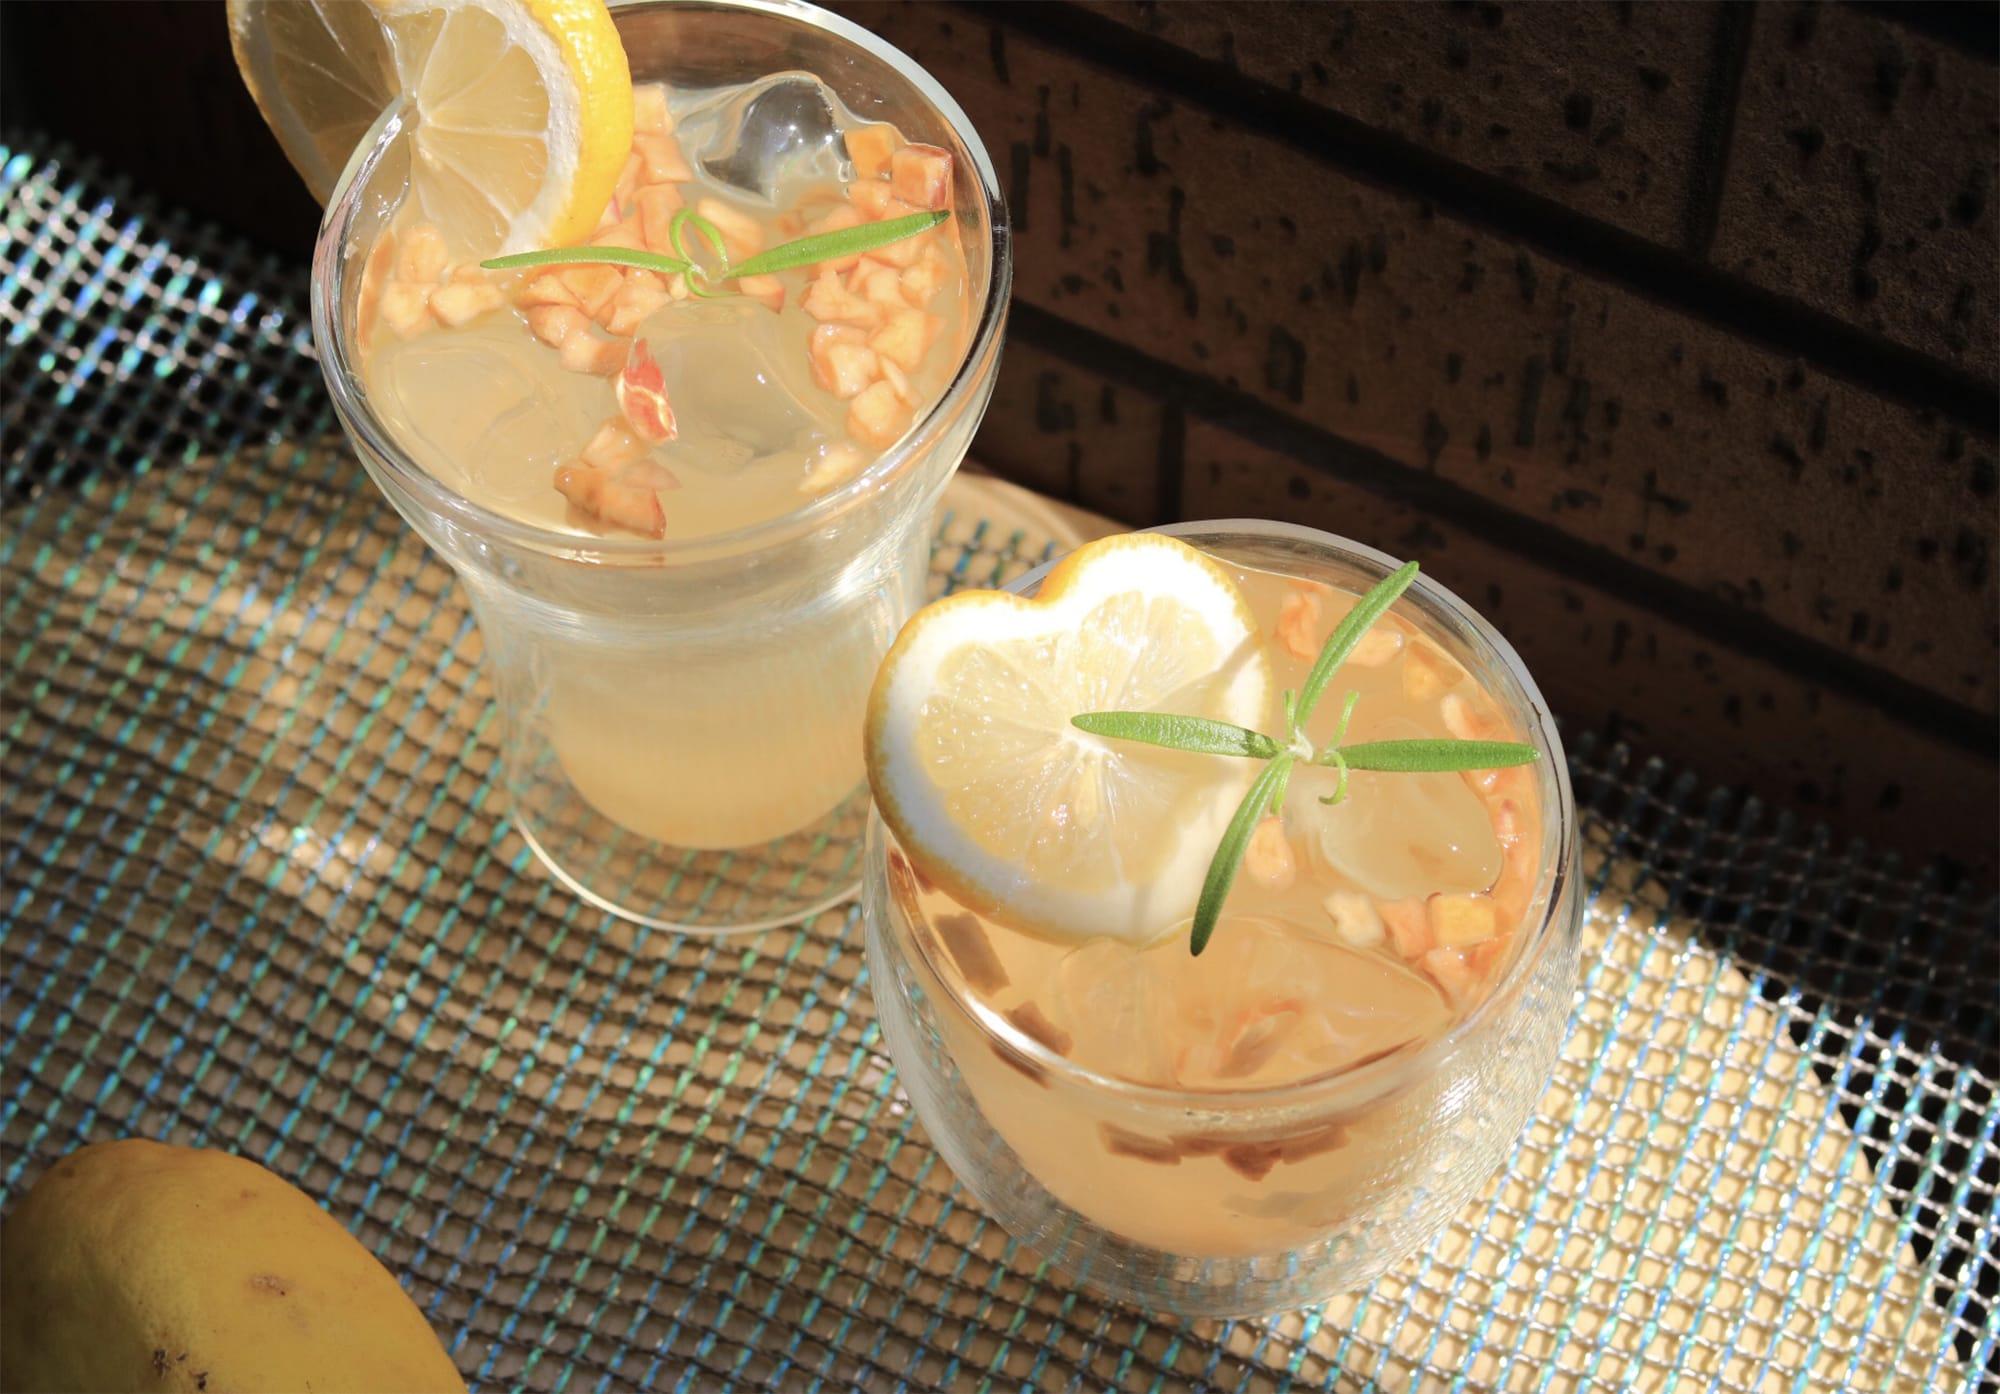 ドライレモンに有機ドライアップルやドライパパイヤ、ドライパイナップルなどをブレンドした甘酸っぱいフルーツティ。フルーツも一緒に召し上がれ。